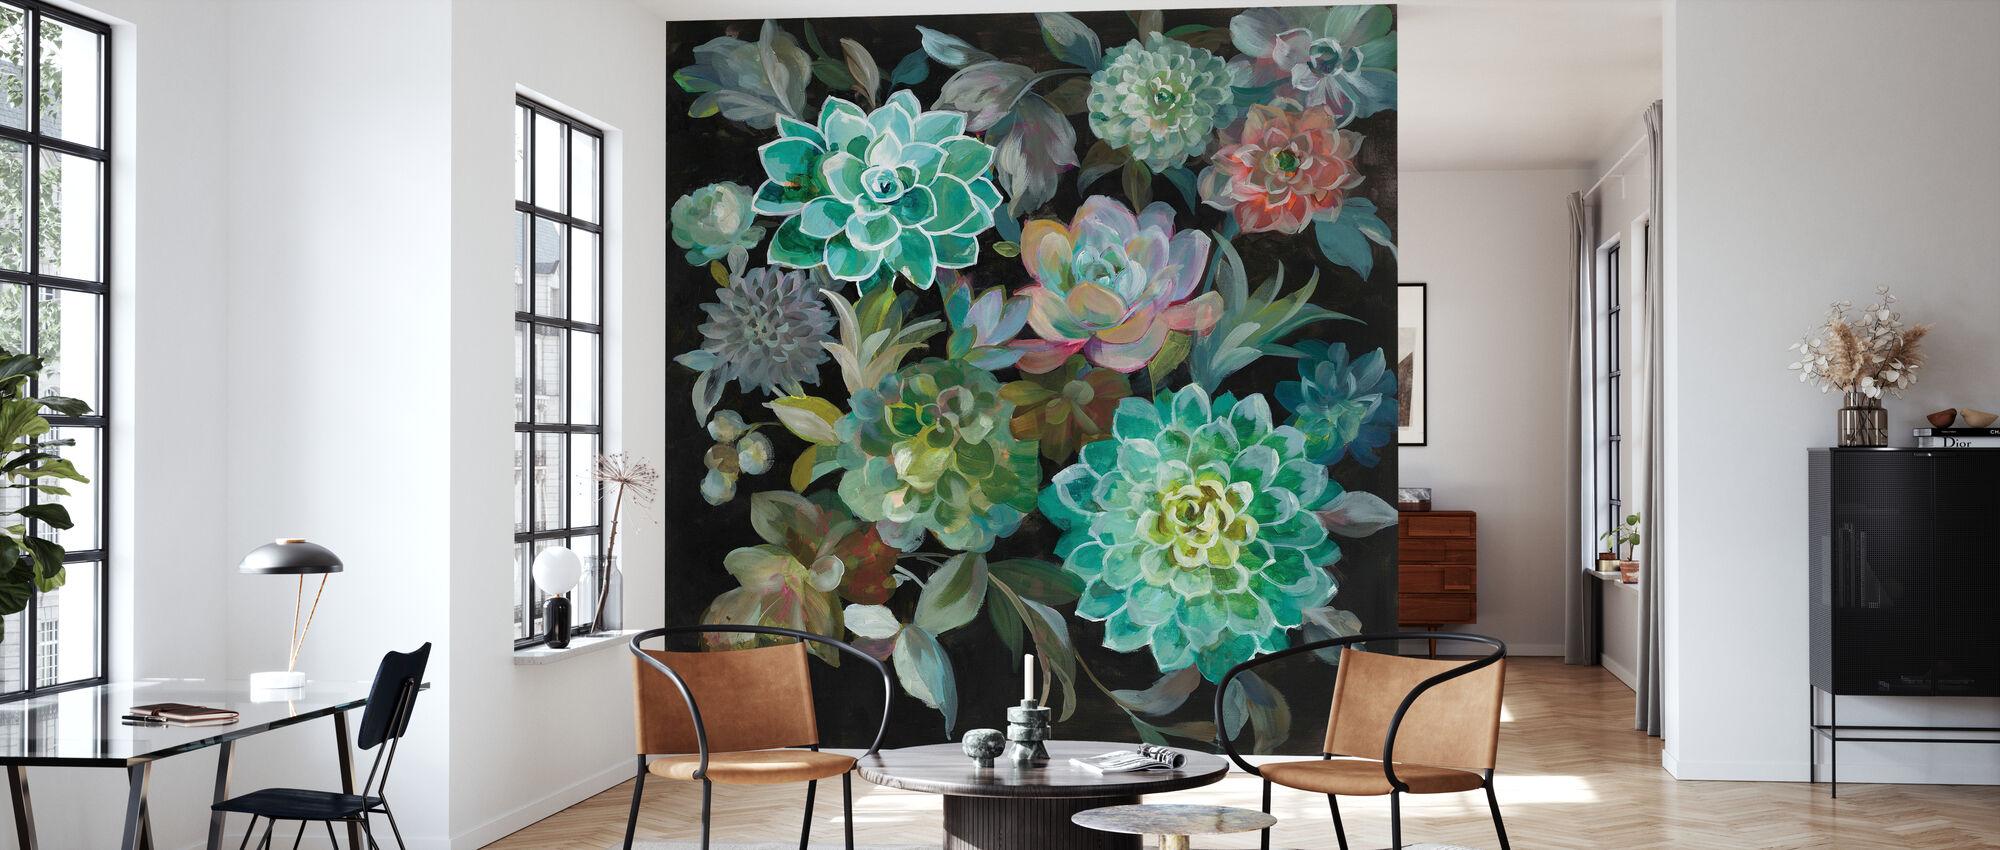 Blomster Sukkulenter - Tapet - Stue